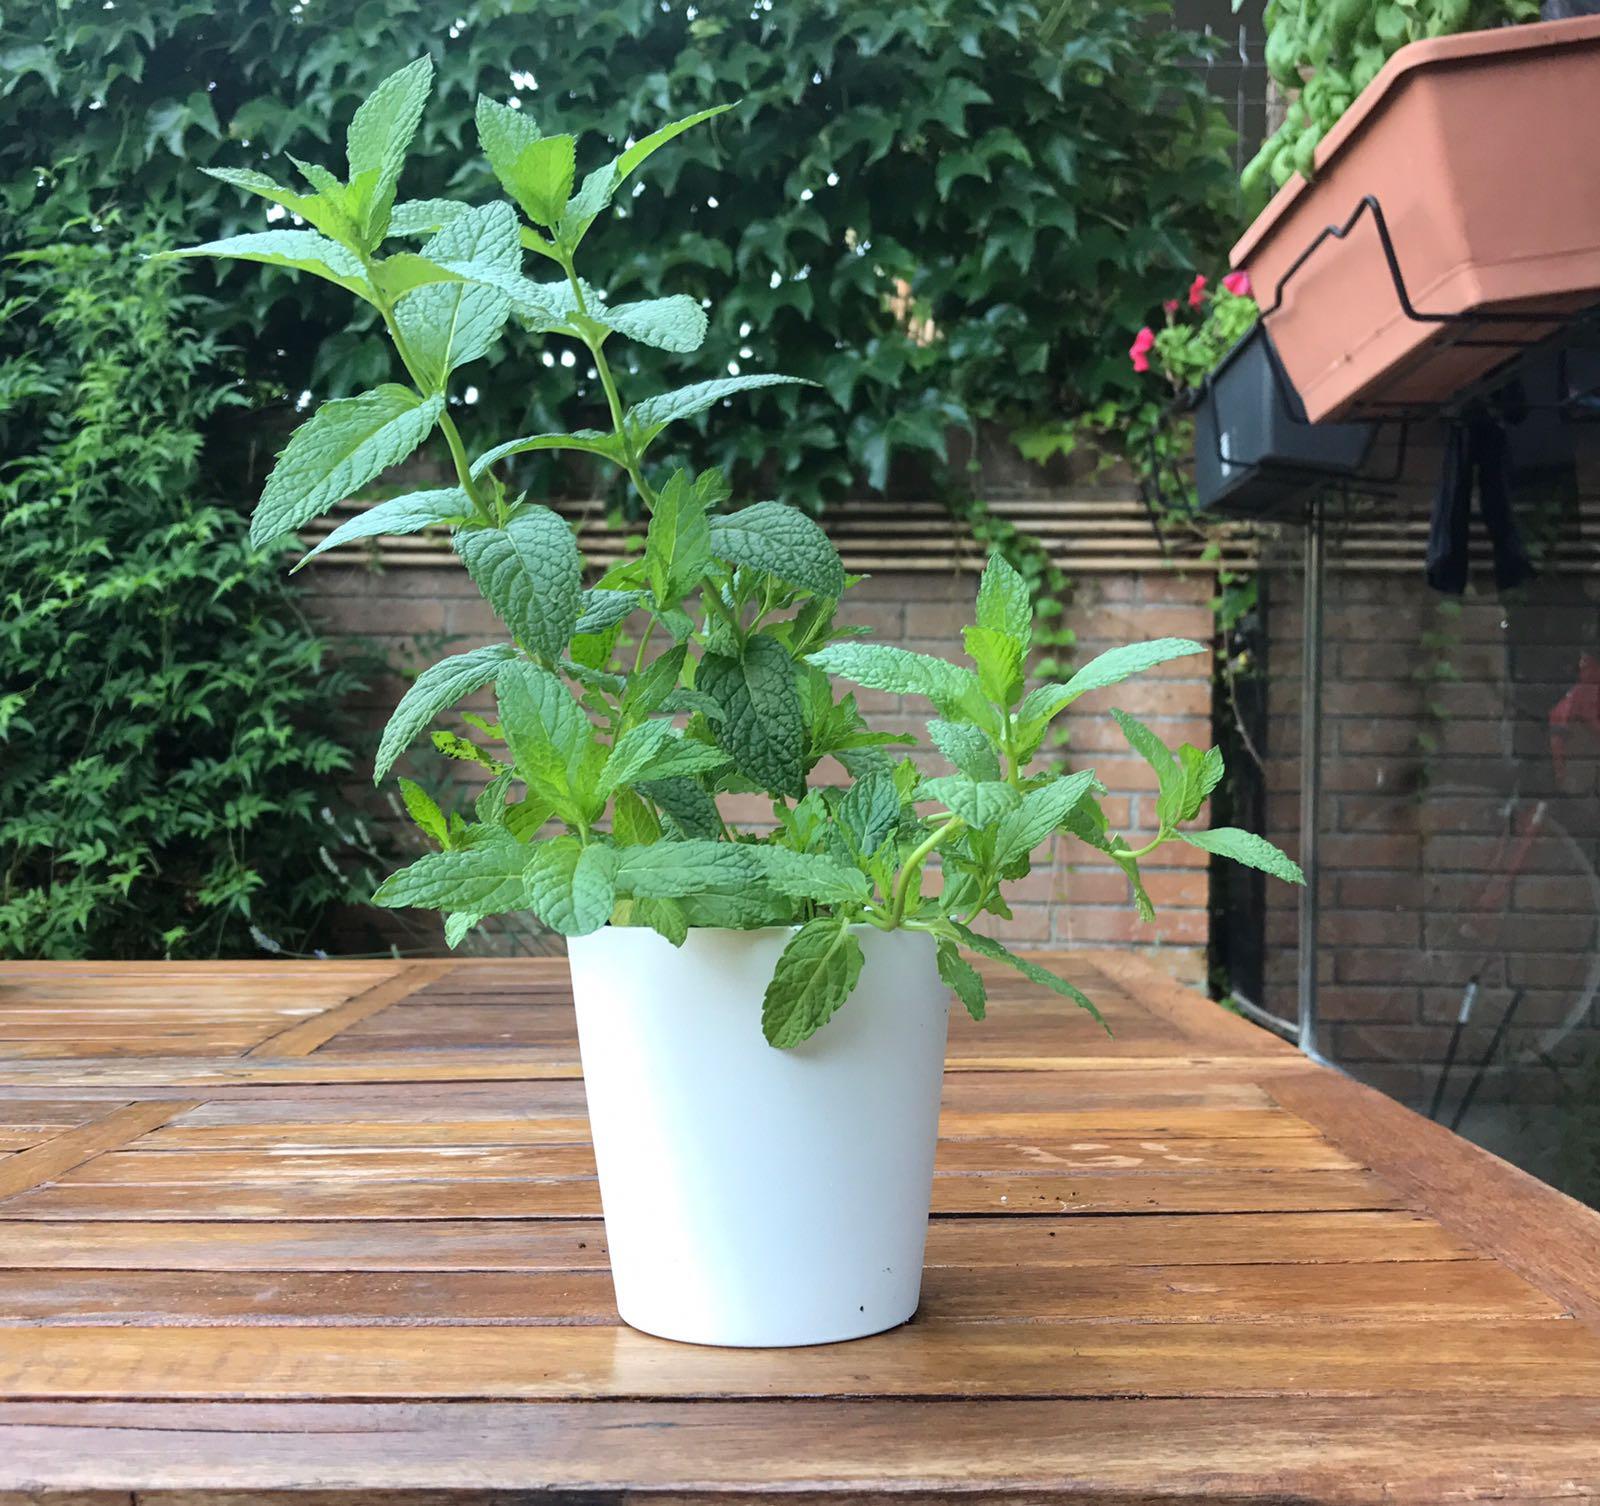 Plantas De Exterior Para Macetas Of Plantas De Exterior En Maceta Simple Dancepandas Colgador